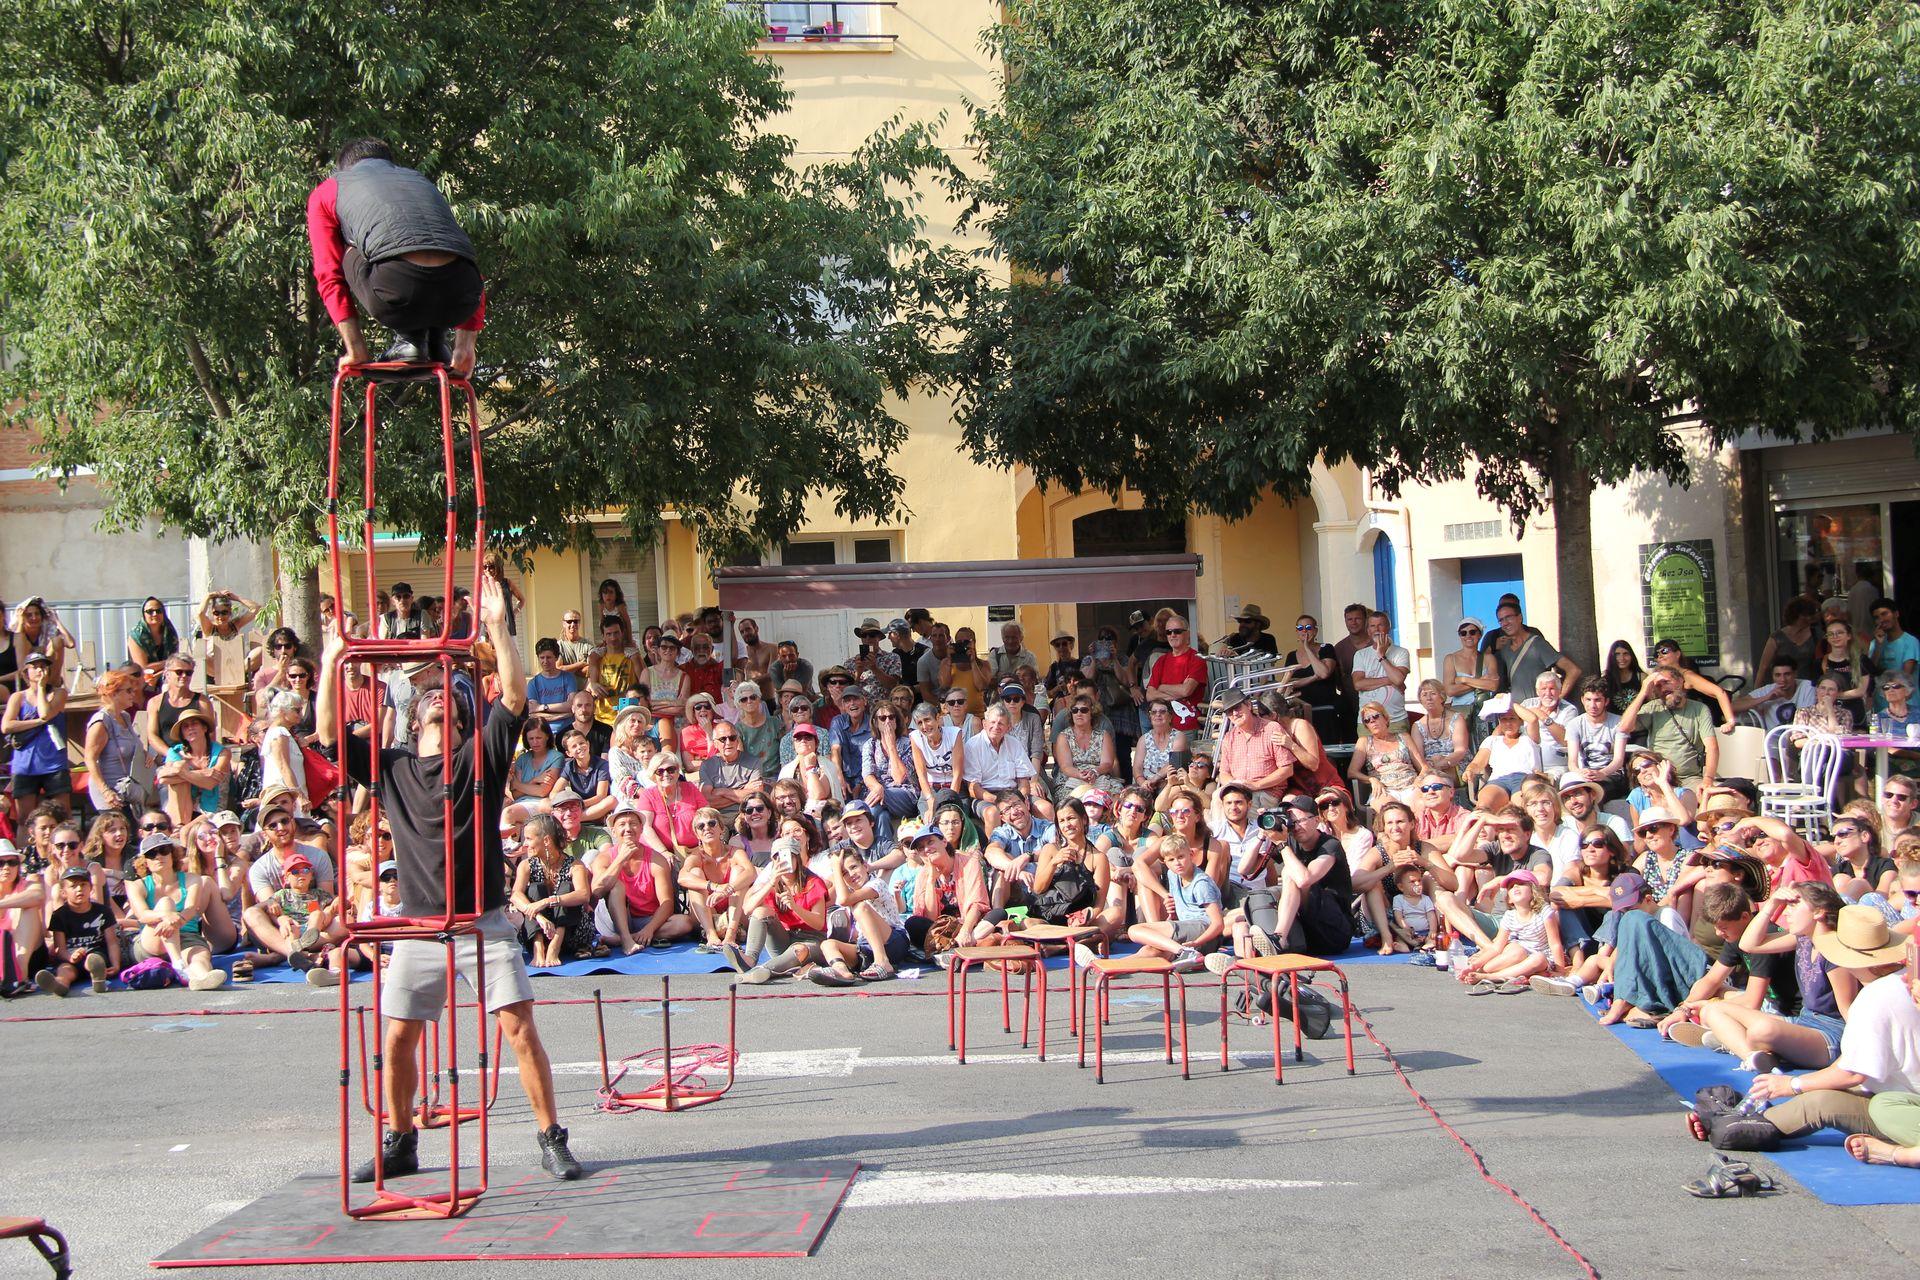 Duo d'acrobates du cirque Bankal faisant un spectacle de rue à Lodève devant une foule de visiteurs en famille dans le cadre du Festival Résurgence en été